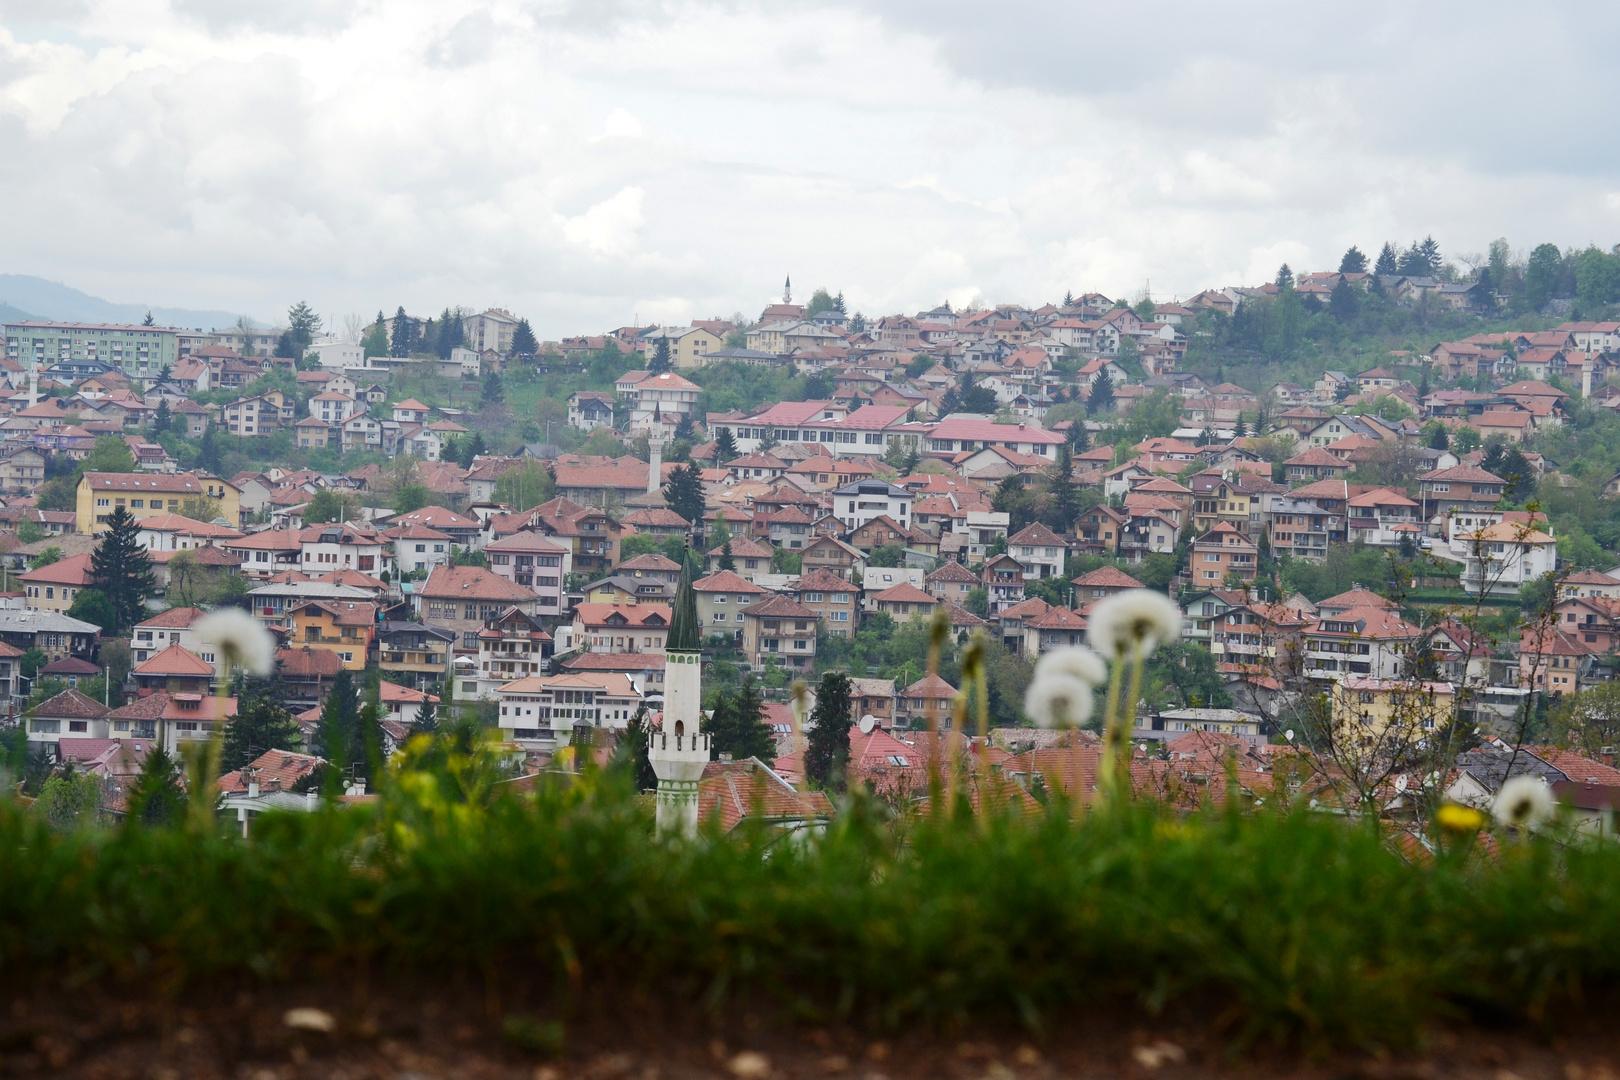 Sarajevo-Tabija